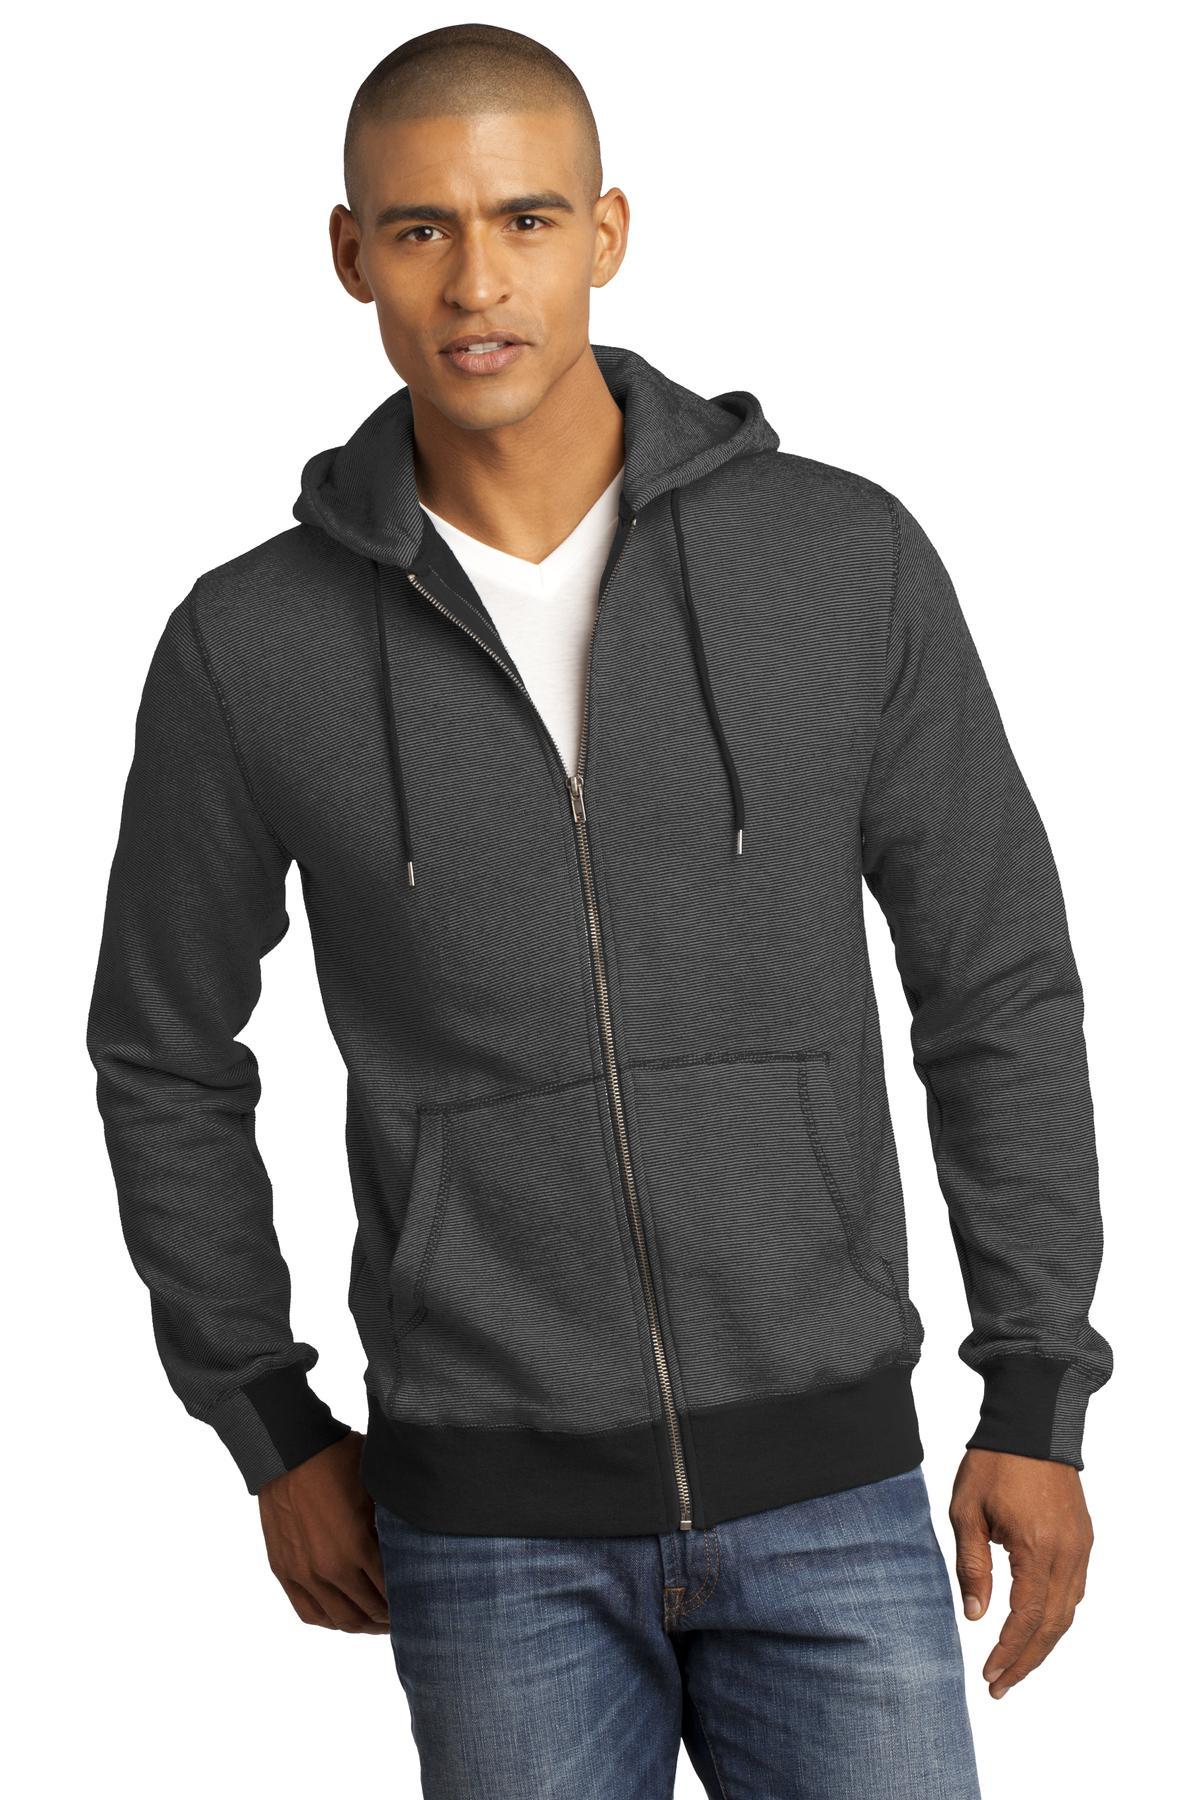 Sweatshirts-Fleece-Hooded-11